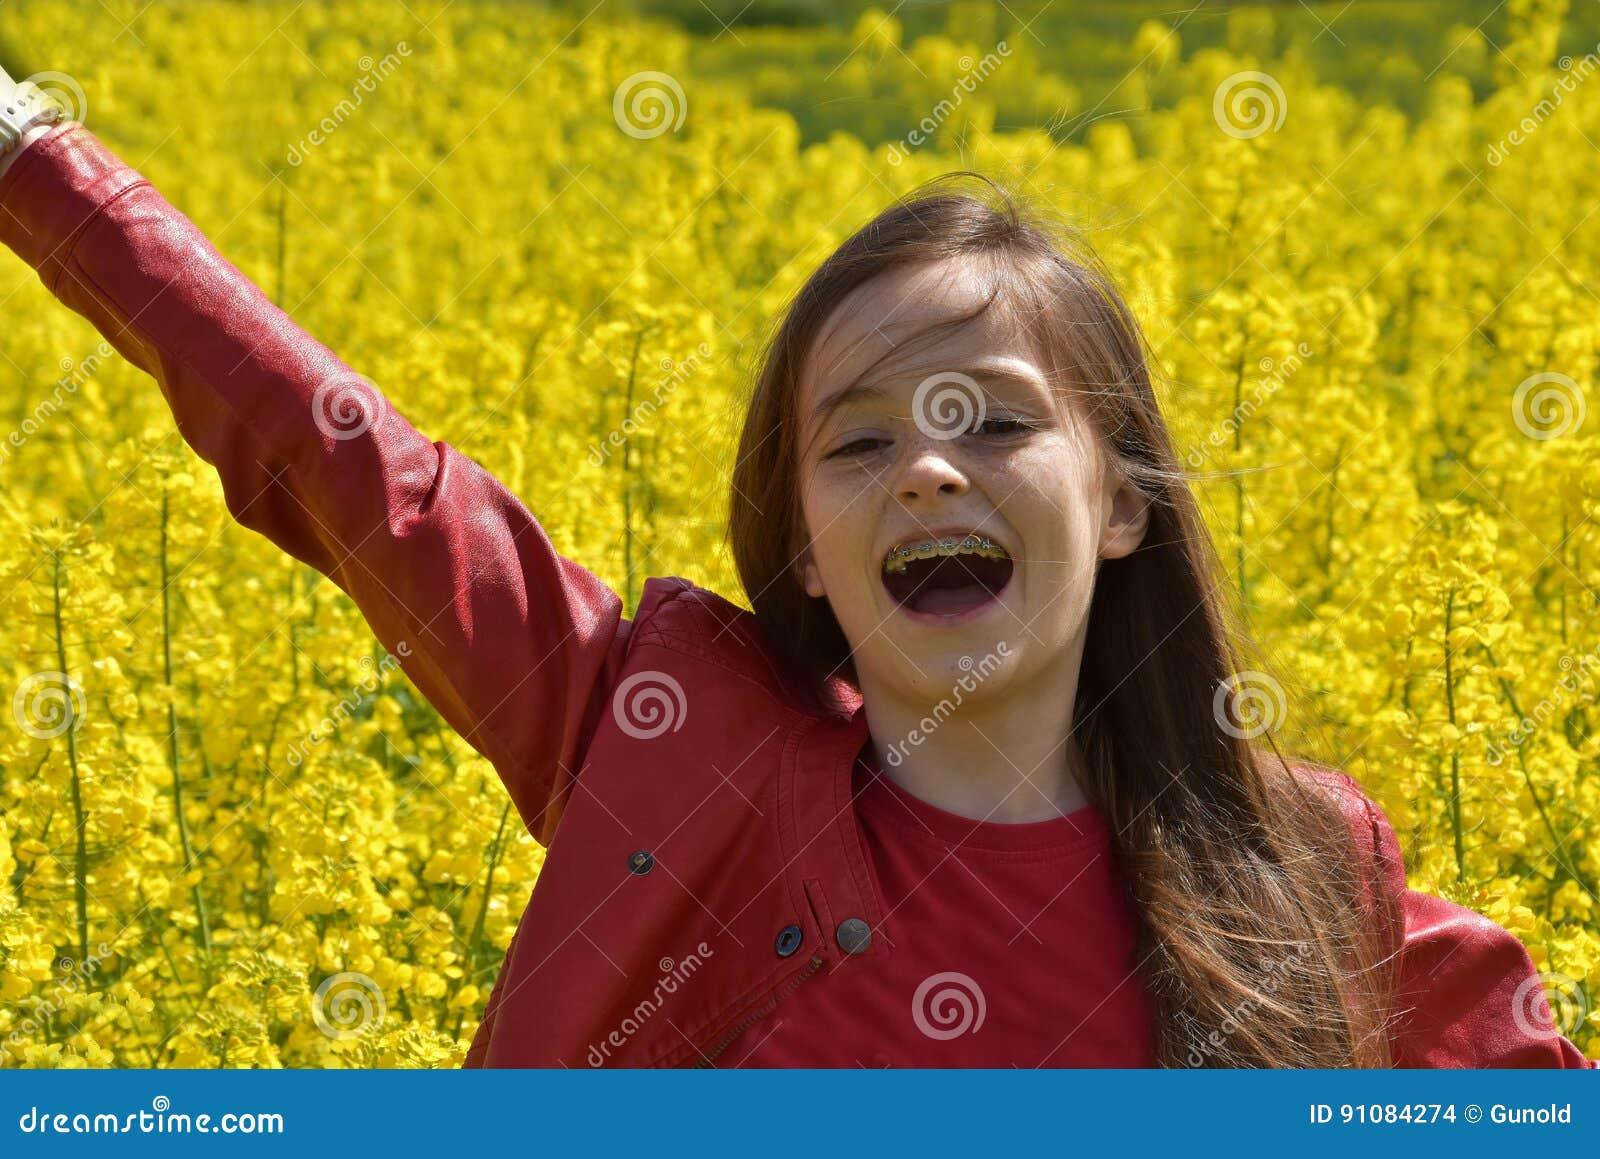 油菜领域的女孩